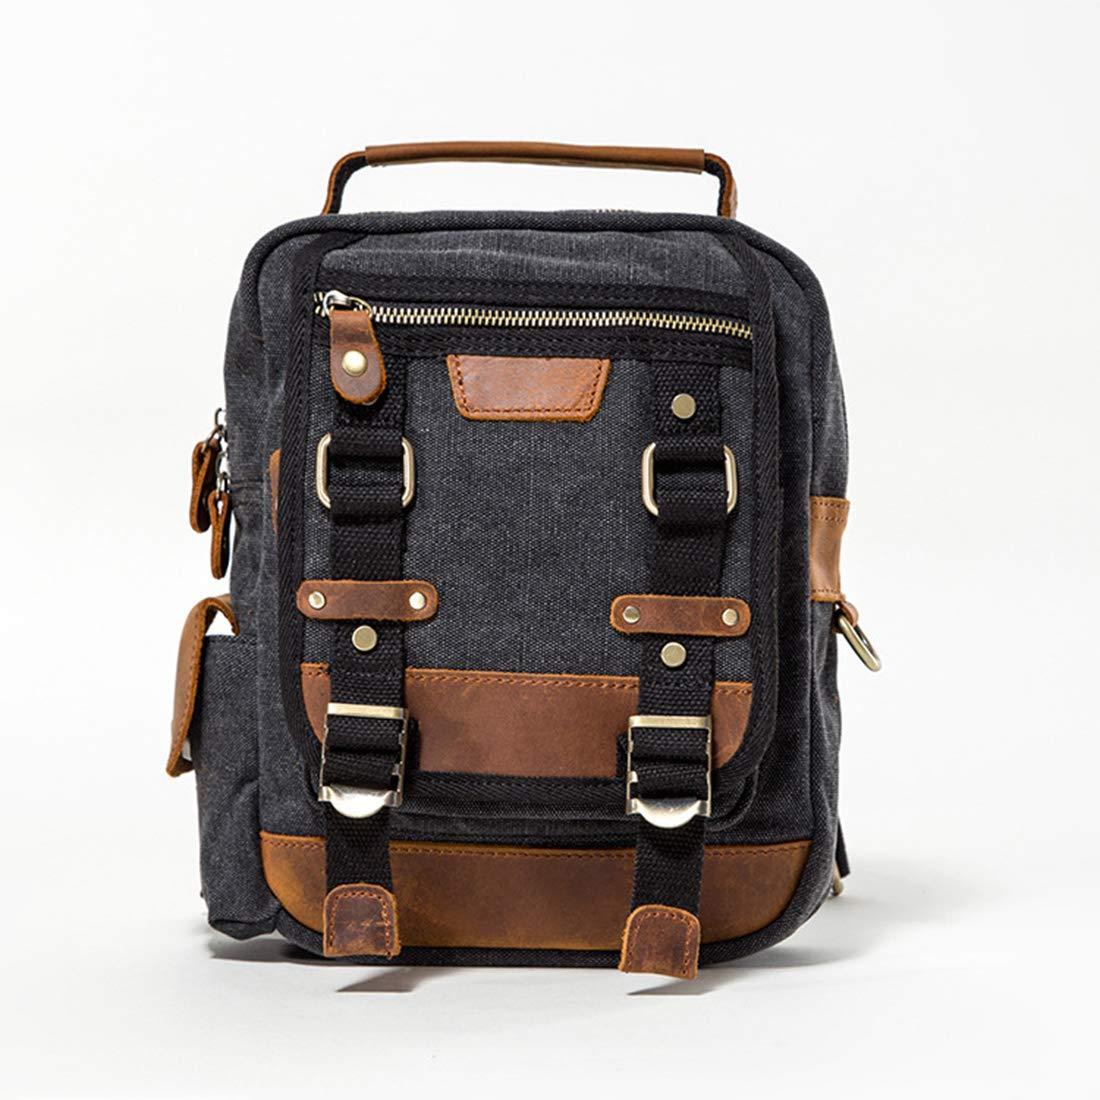 KRPENRIO Canvas Messenger Bag Cross Body Shoulder Sling Backpack Travel Hiking Chest Bag Color : Black